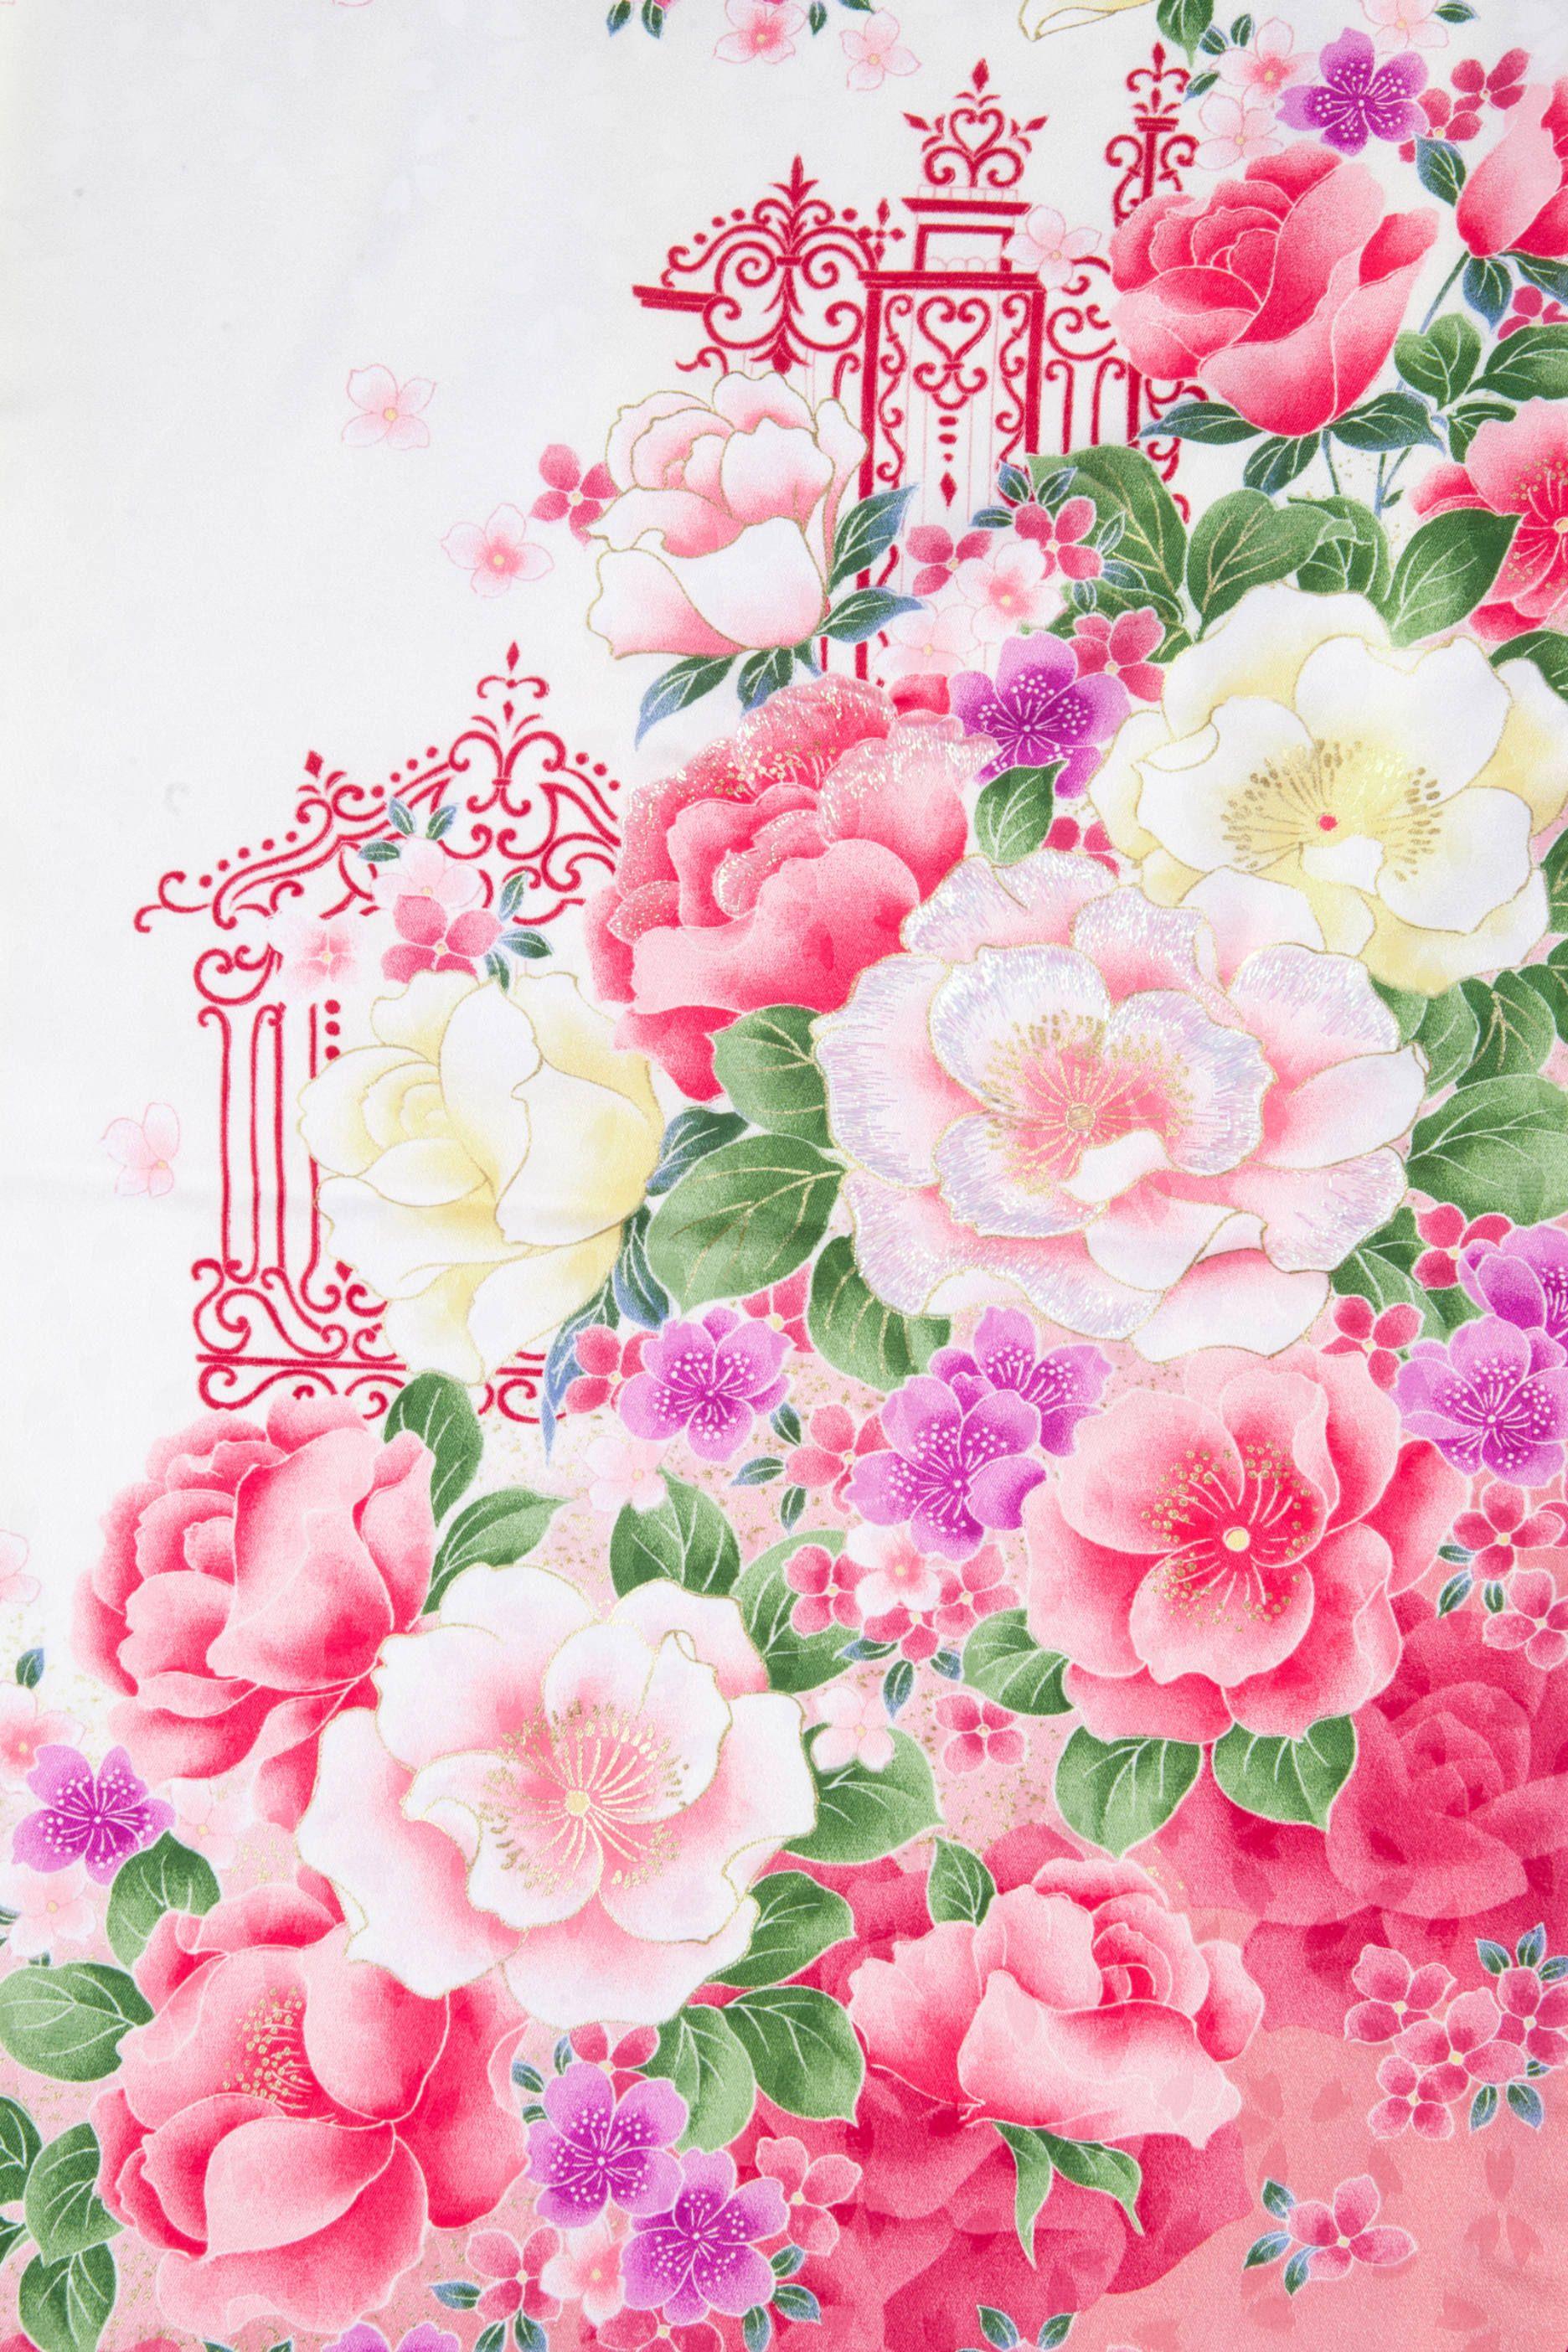 着物 No 831 商品名 白 バラ刺しゅう Http Haregi Com Detail Php